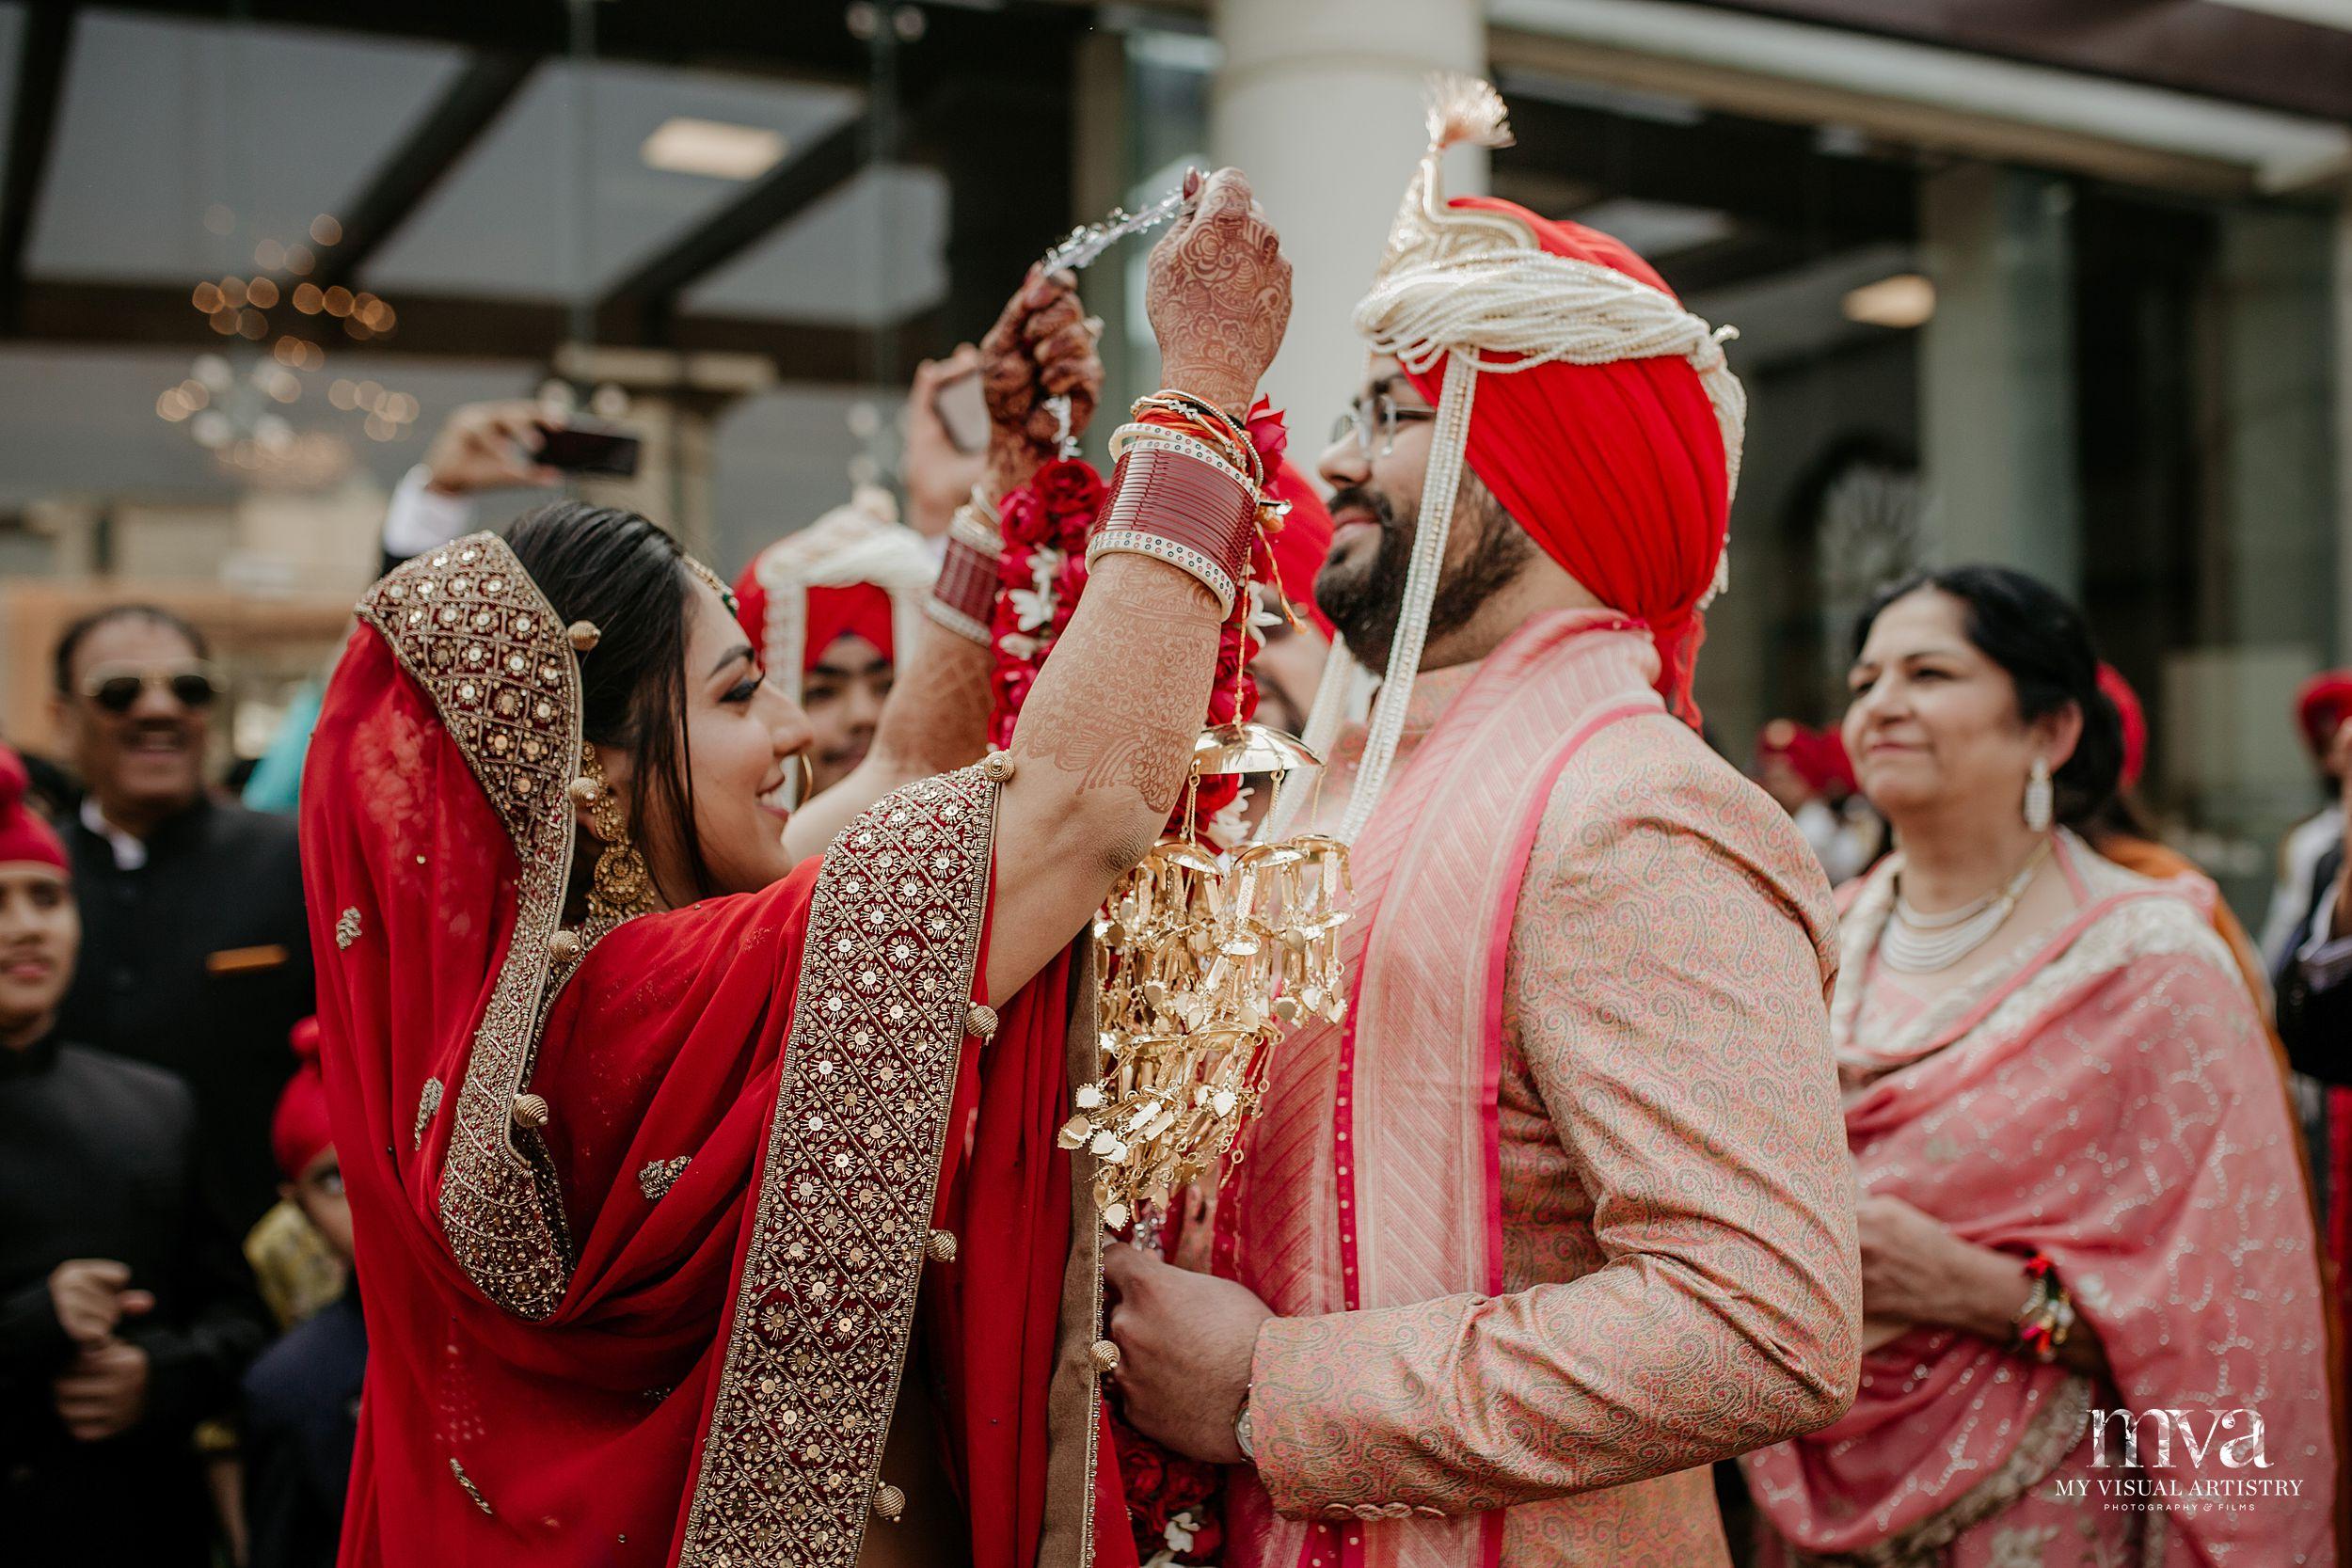 anant_arundhati_myvisualartistry_mva_wedding_sikh_ - 314.jpg